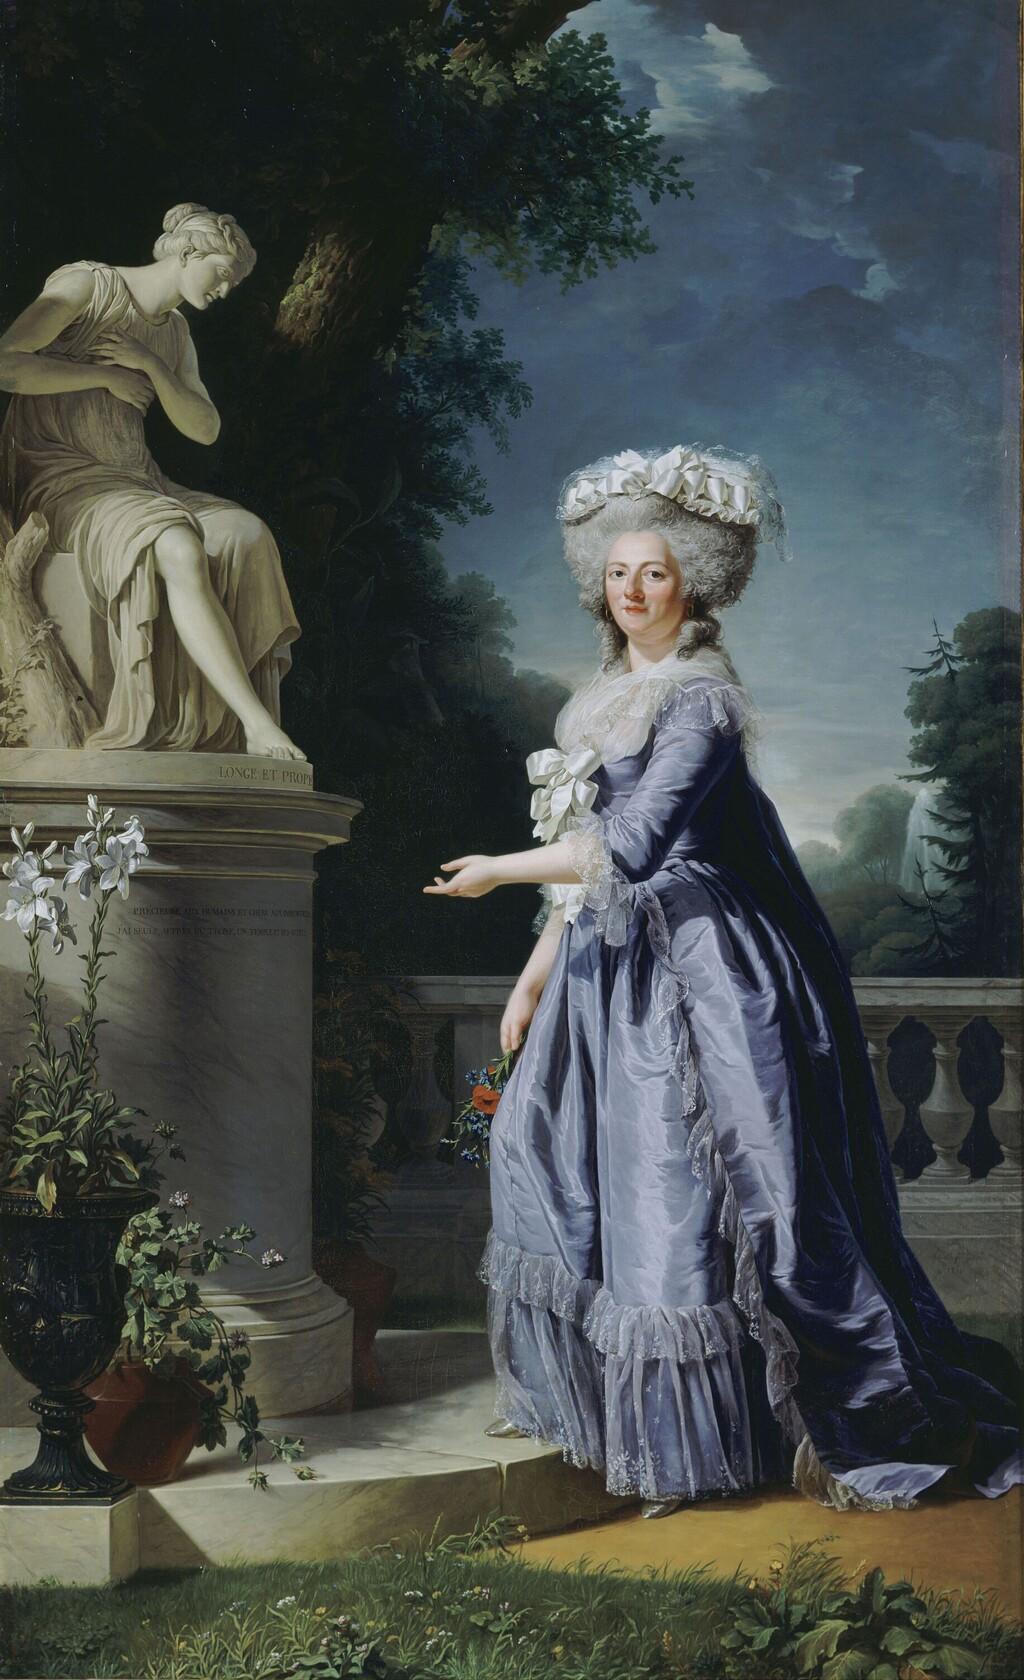 Mesdames, filles de Louis XV, les mal-aimées ? - Page 4 Imagep15